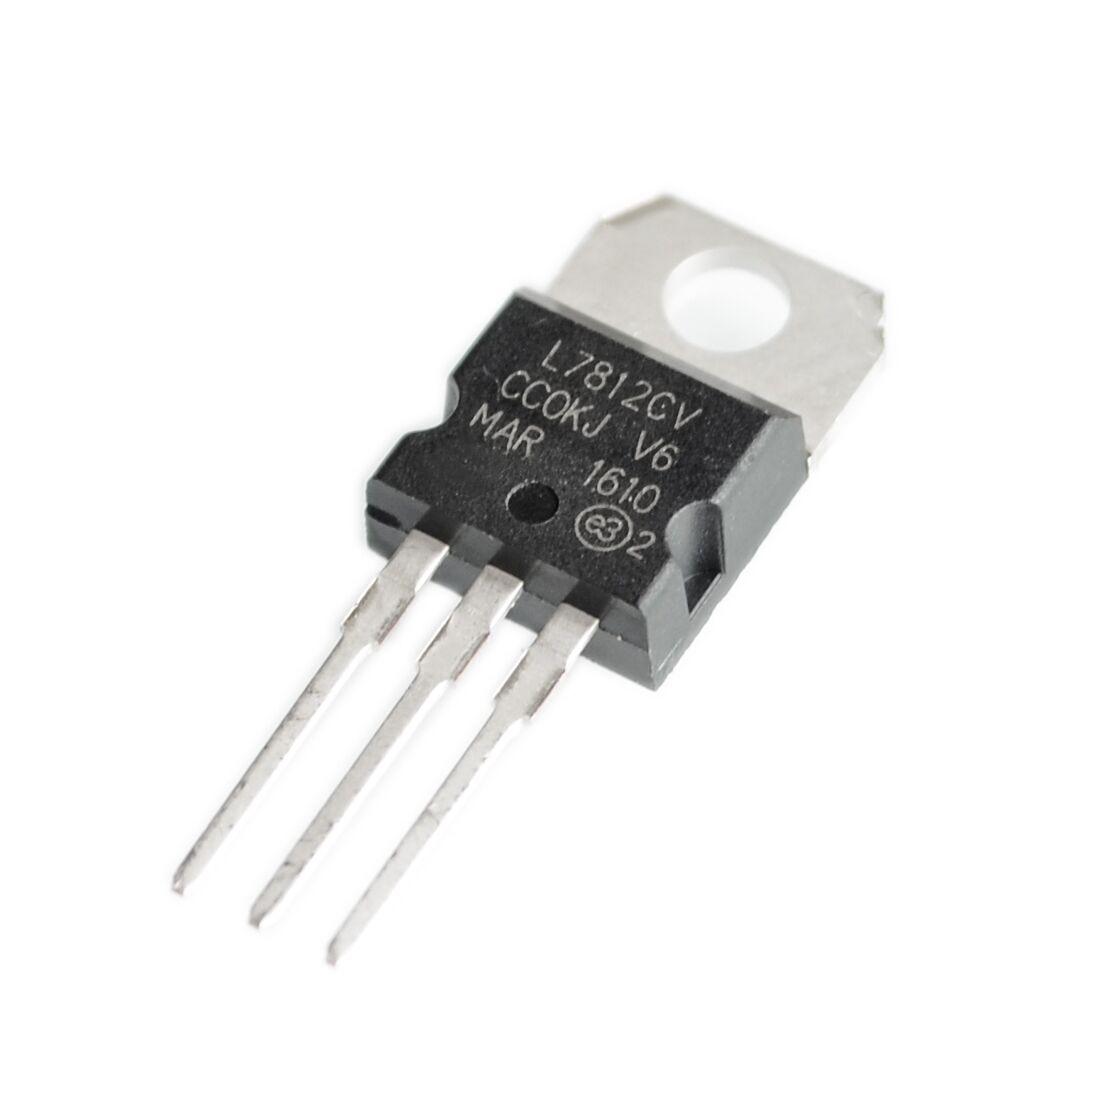 10PCS L7812CV TO-220 L7812 LM7812 7812 Positive-Voltage Regulators10PCS L7812CV TO-220 L7812 LM7812 7812 Positive-Voltage Regulators